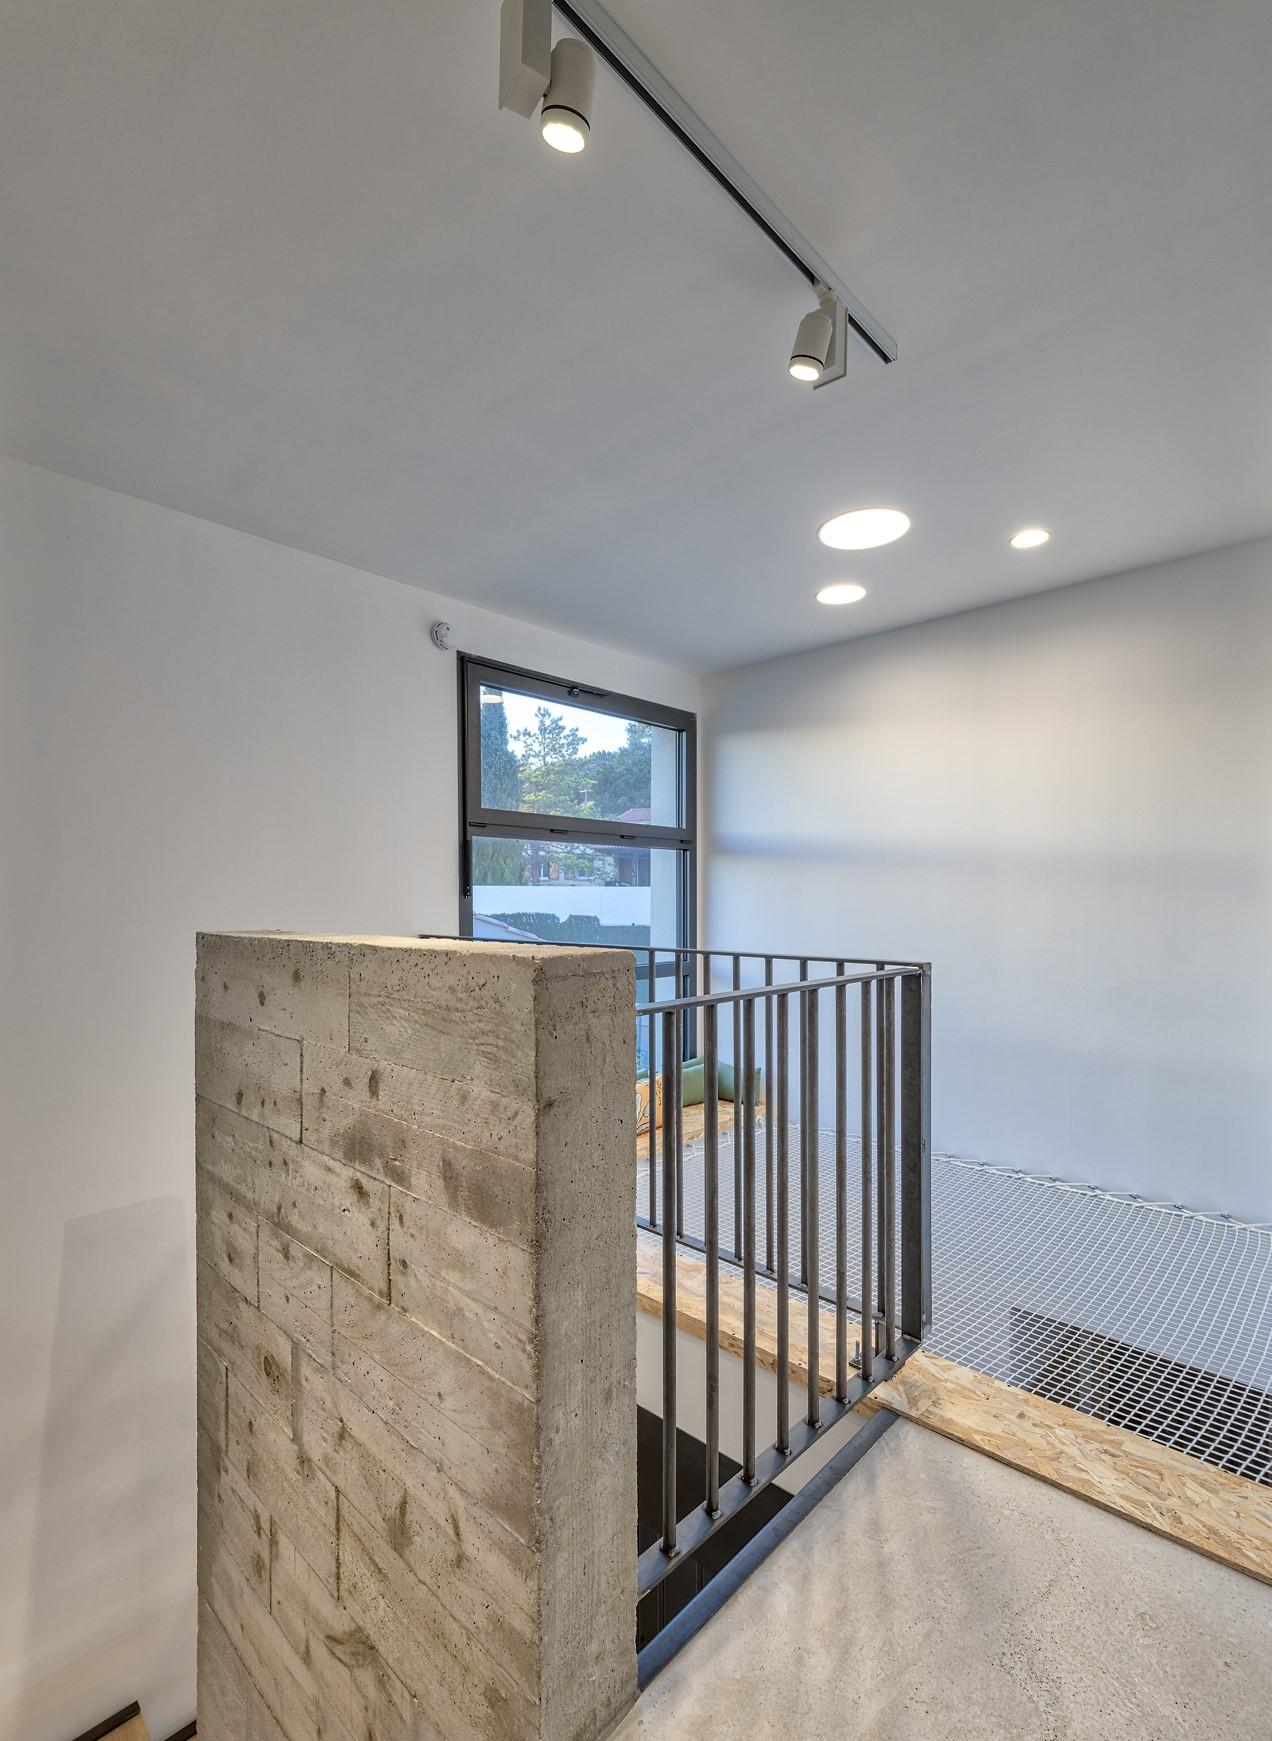 escalier éclairer par un rails magnétique et des spots encastrés dans la villa privée zeta